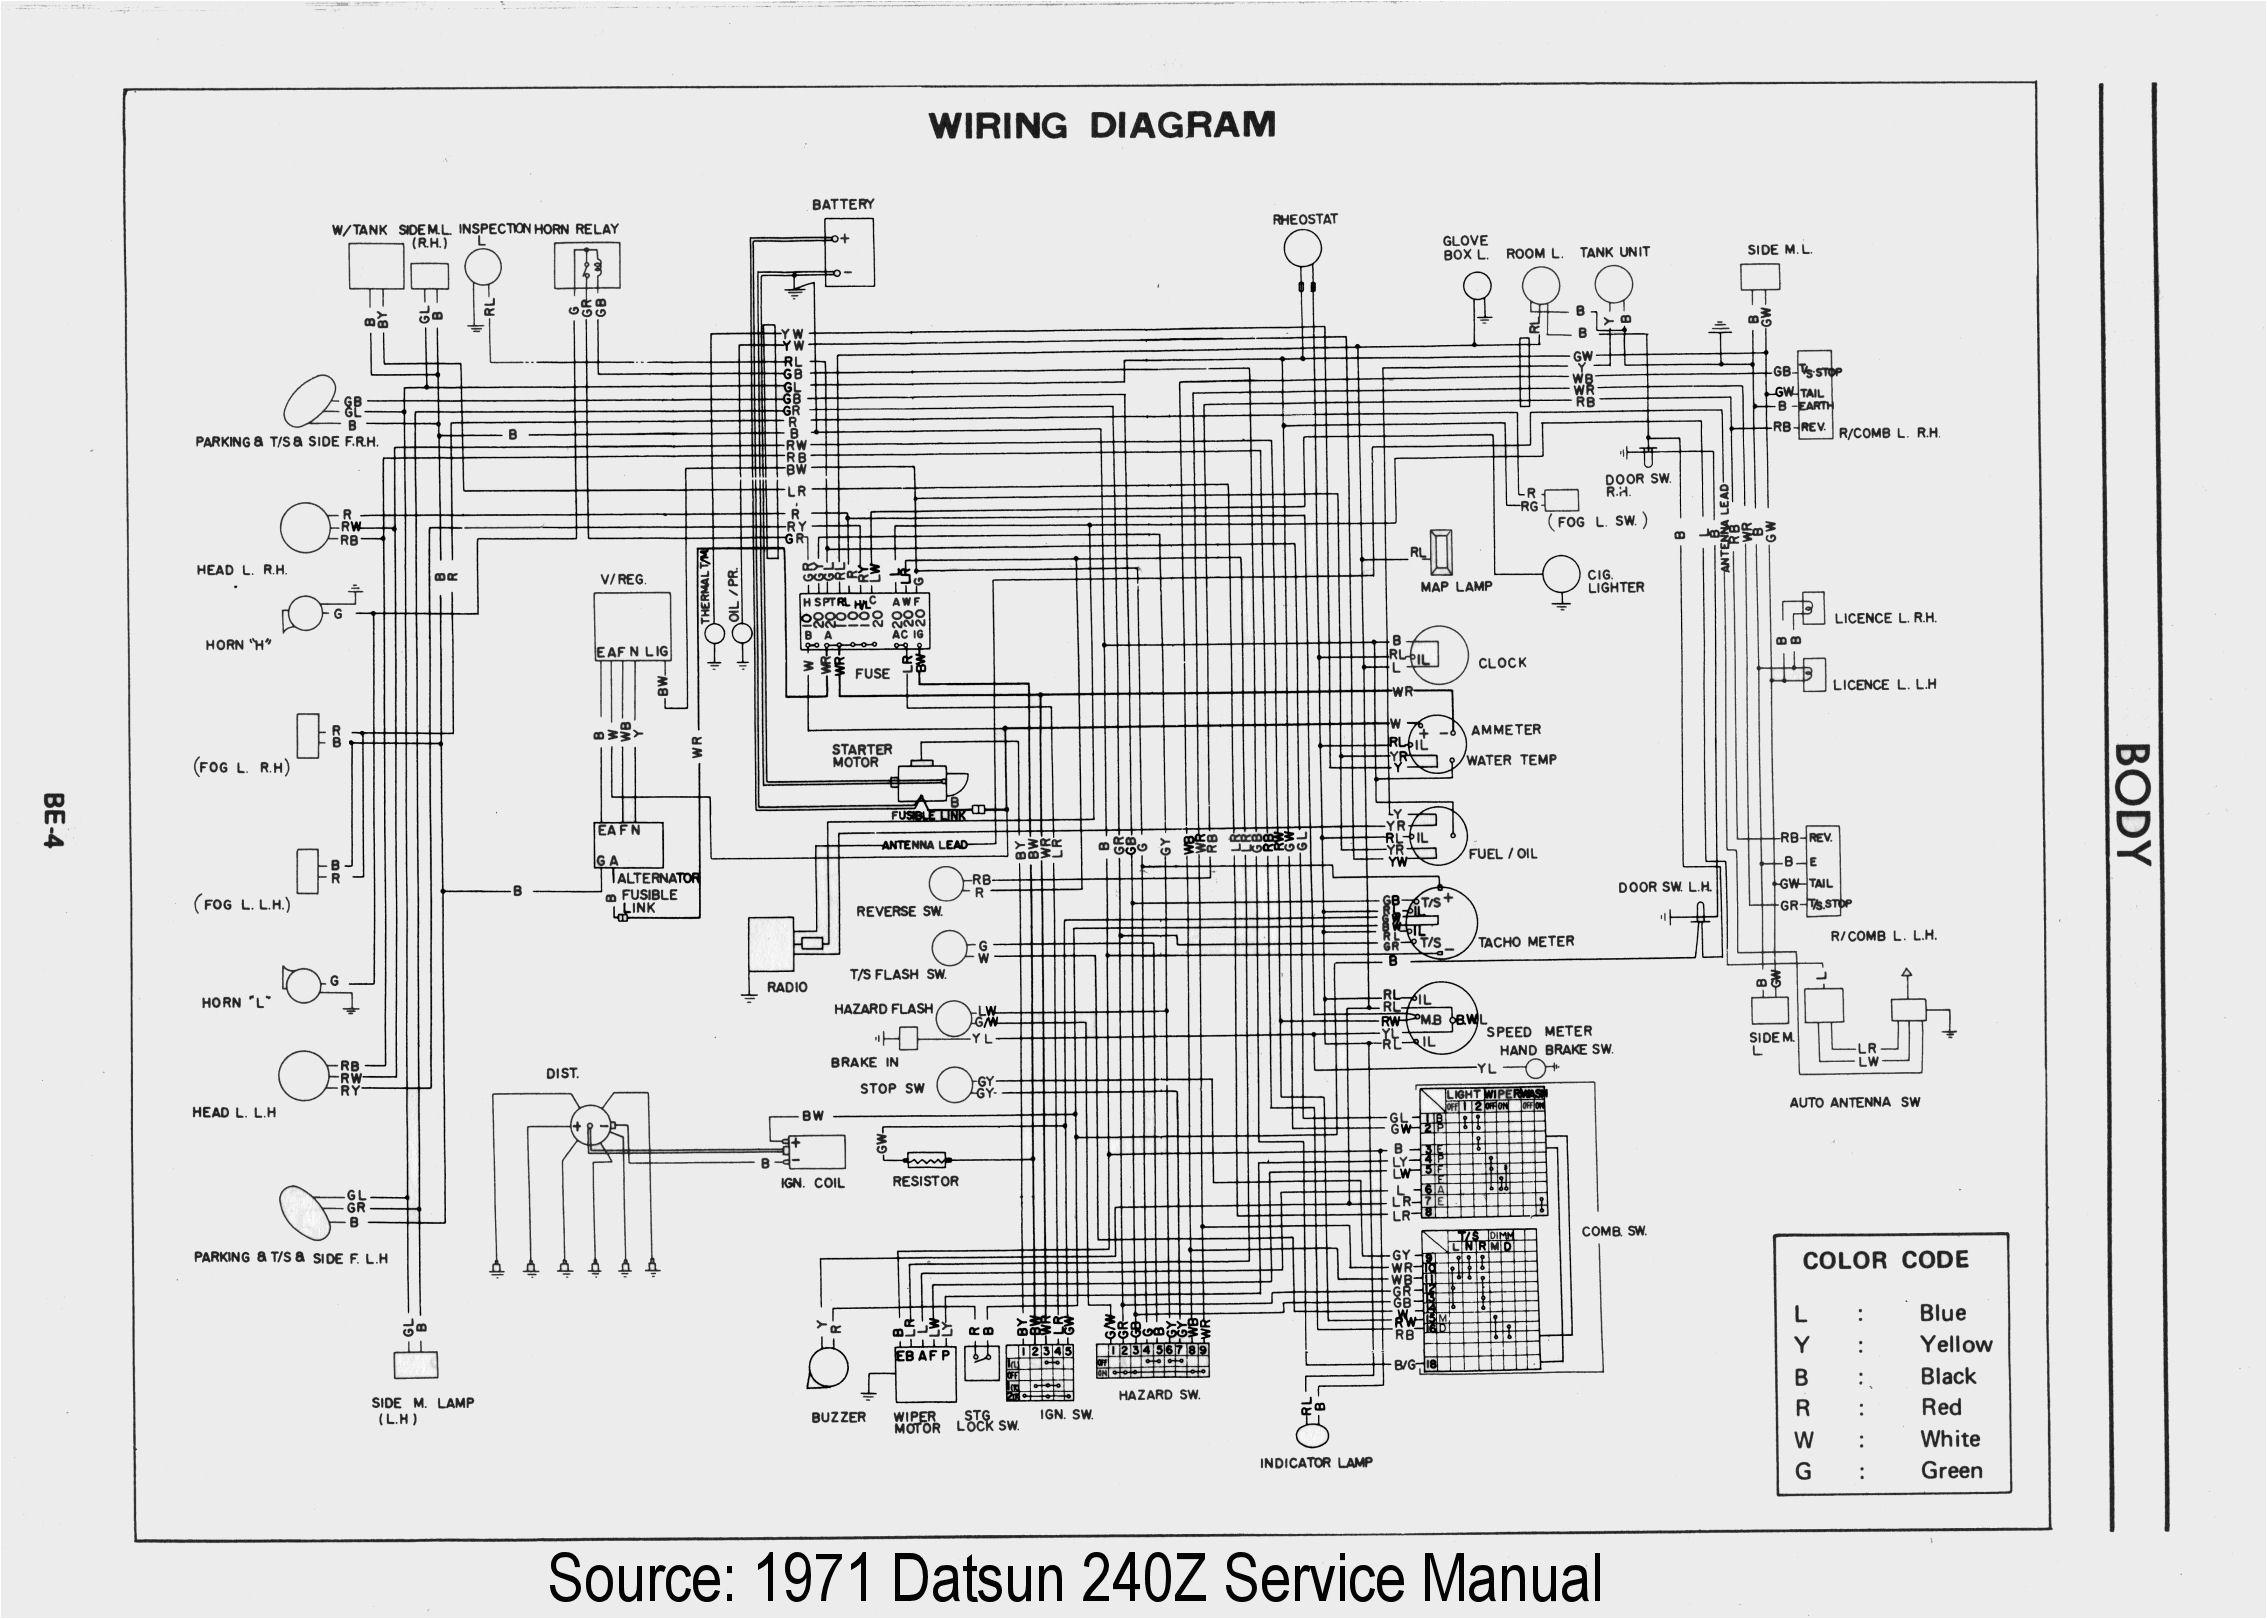 wiring diagram hires 2 jpg